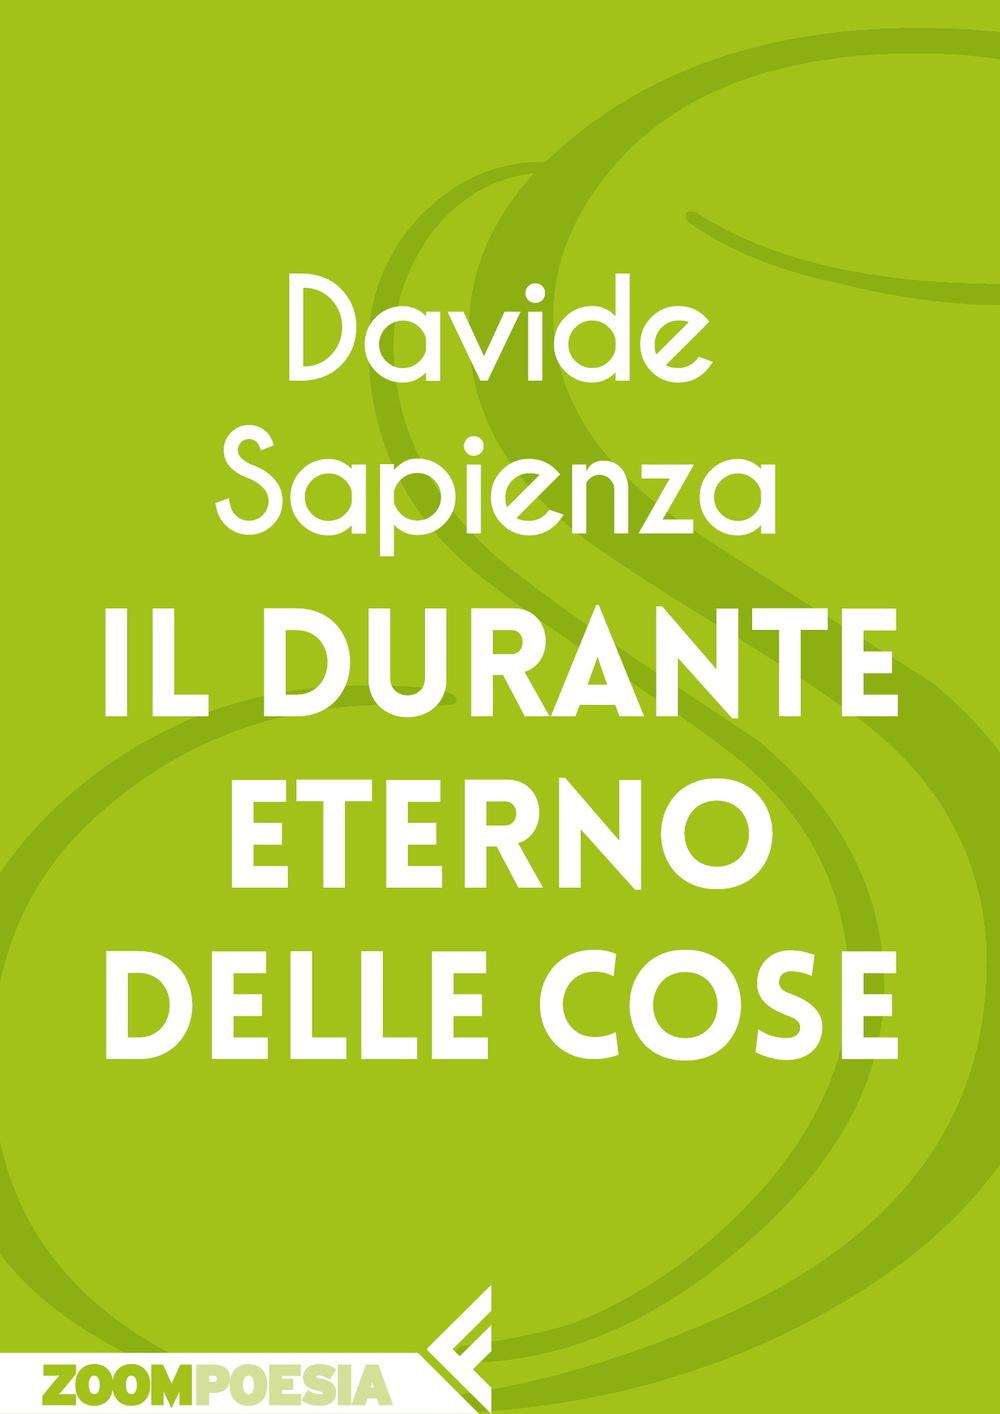 Davide Sapienza - Il durante eterno delle cose (Demo).jpg